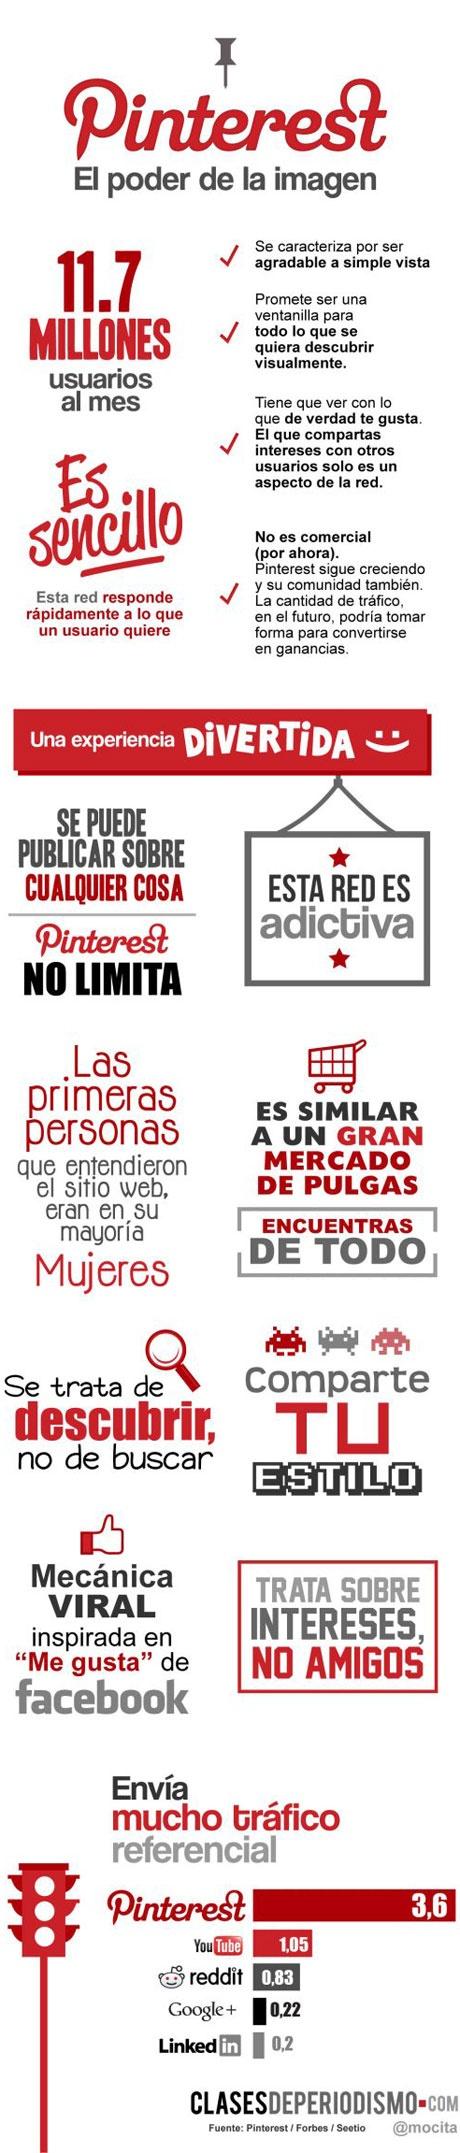 Pinterest, el poder de la imagen.  #infografia #infografía #infografias #infograph #graph #graphics #infographics #pinterest